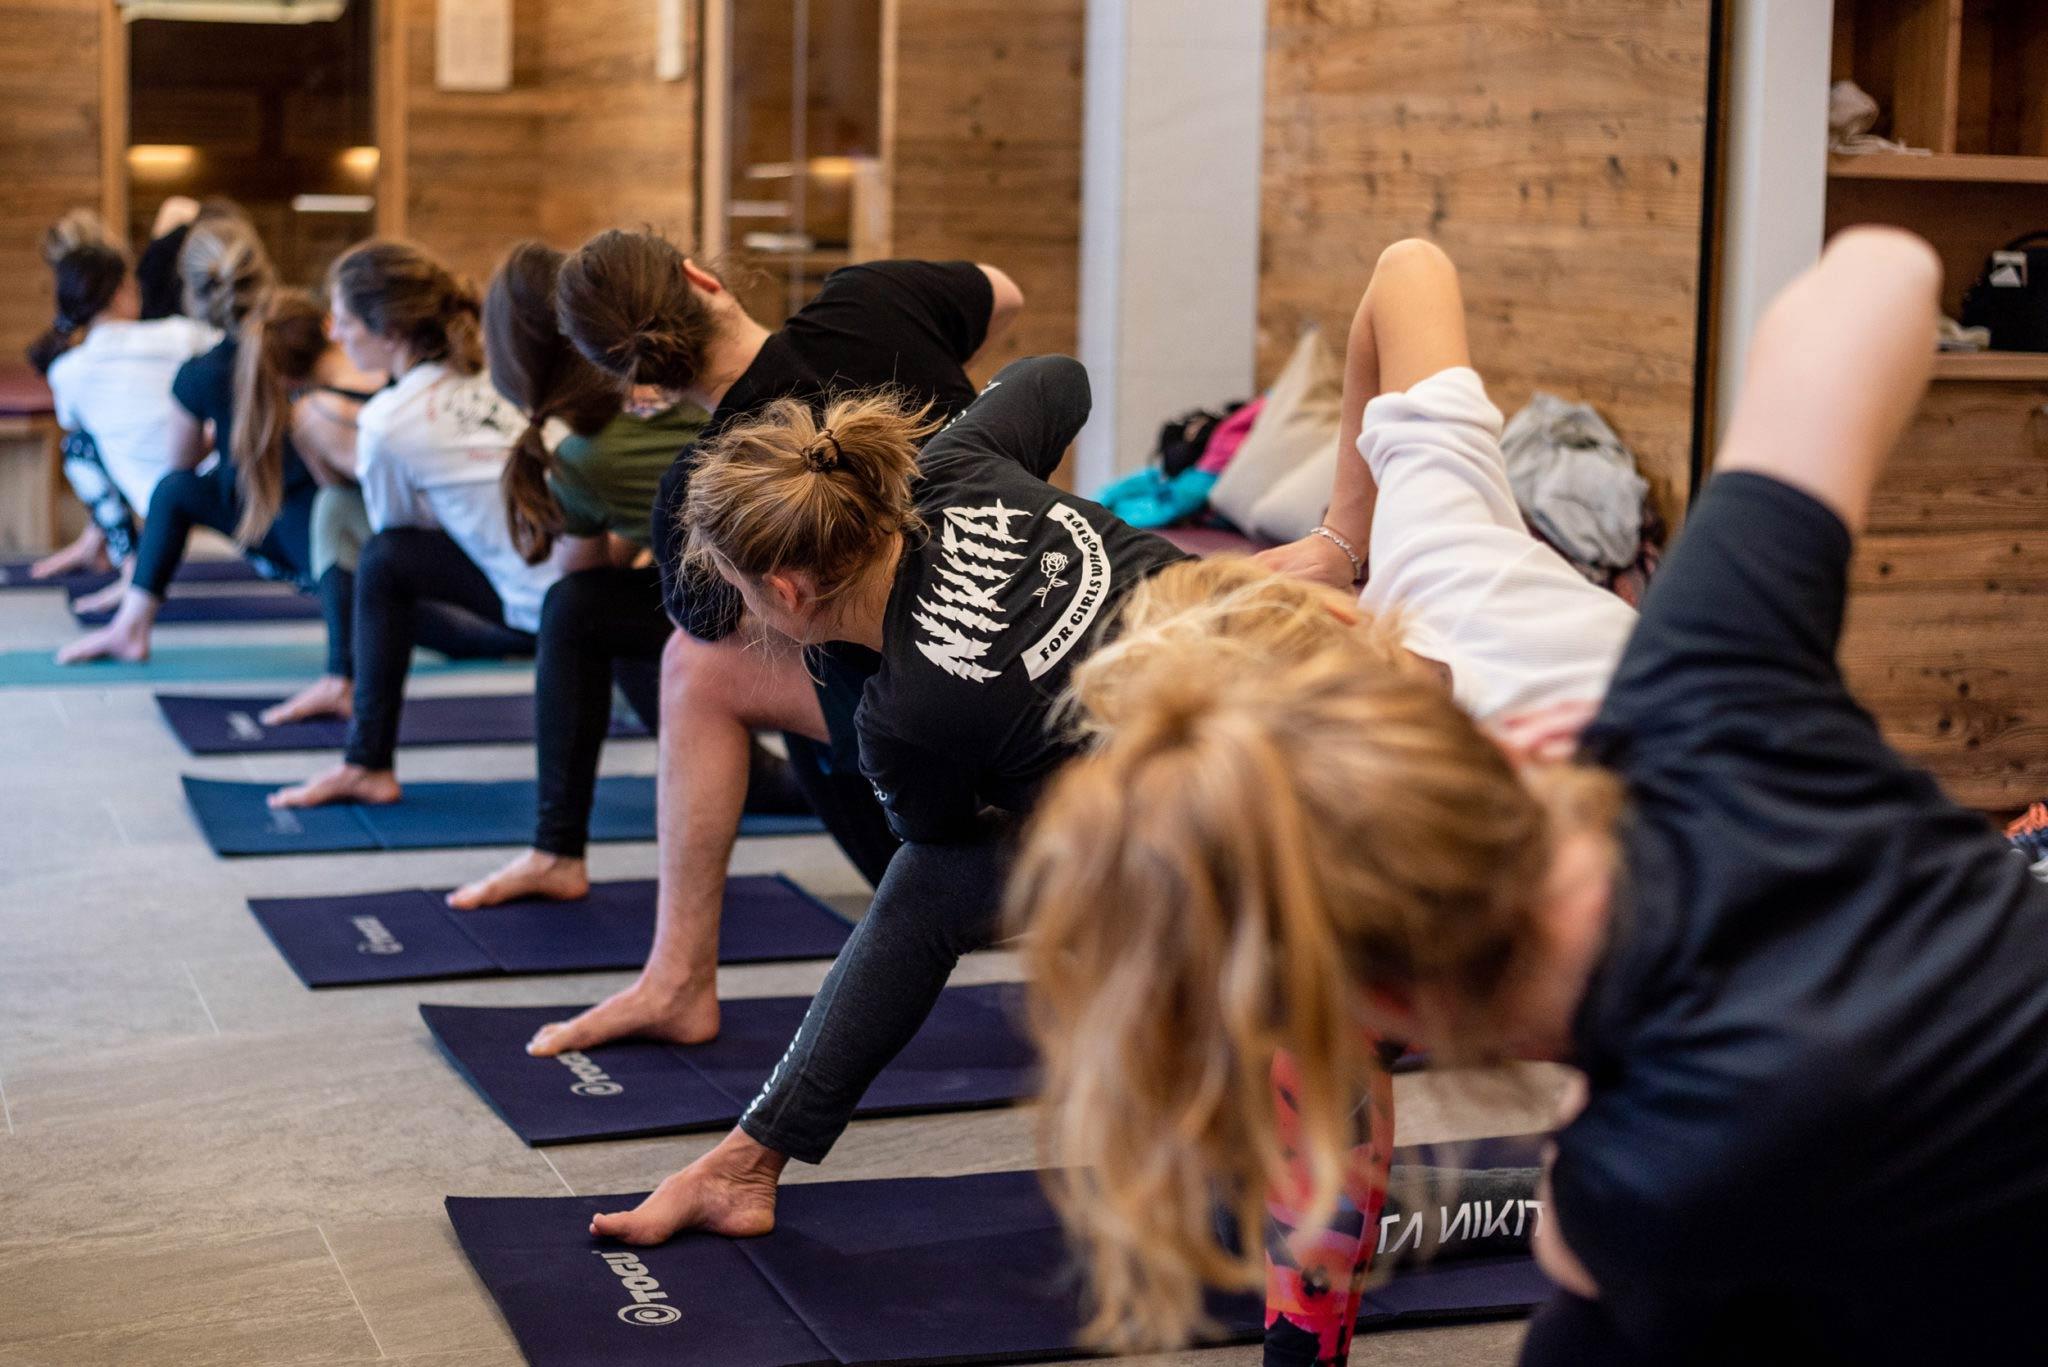 Neben Yoga sind weitere Off-Snow Aktivitäten im Rahmen der Slay Days geplant. - Foto: Miriam Lotte